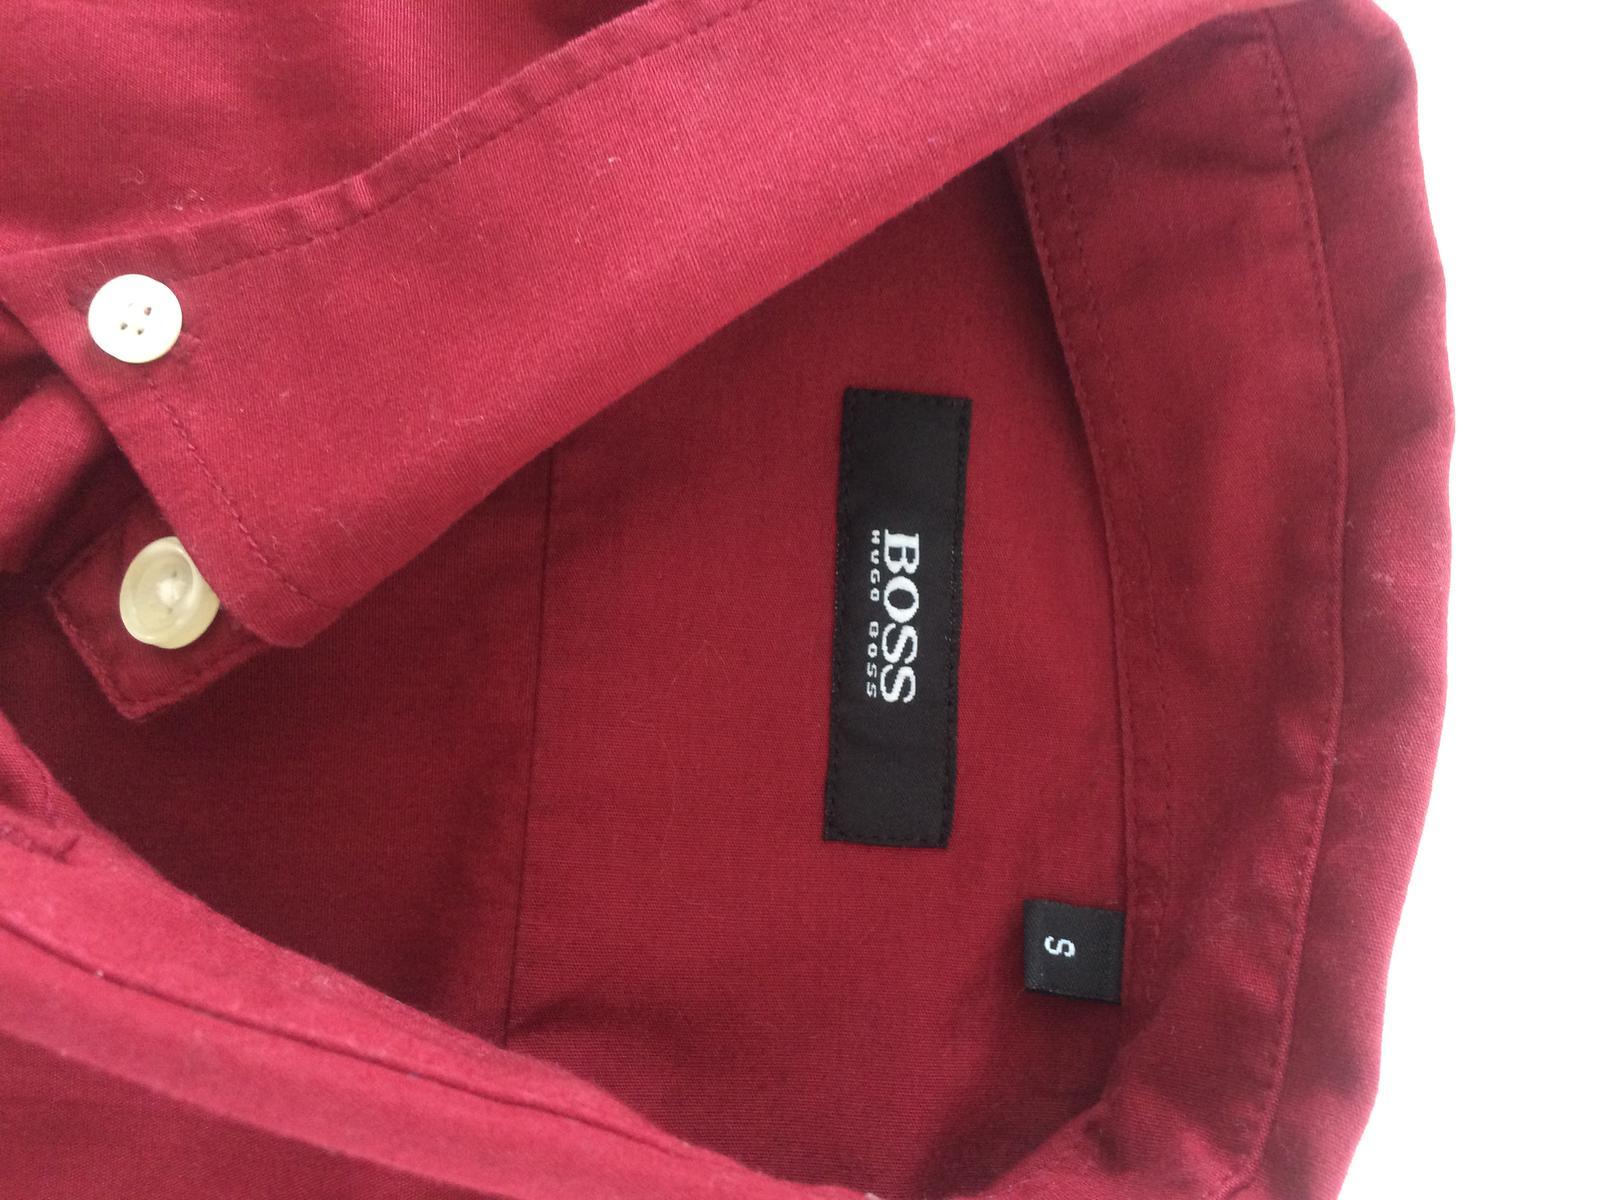 5d1ab3d46f Hugo boss pánska košeľa